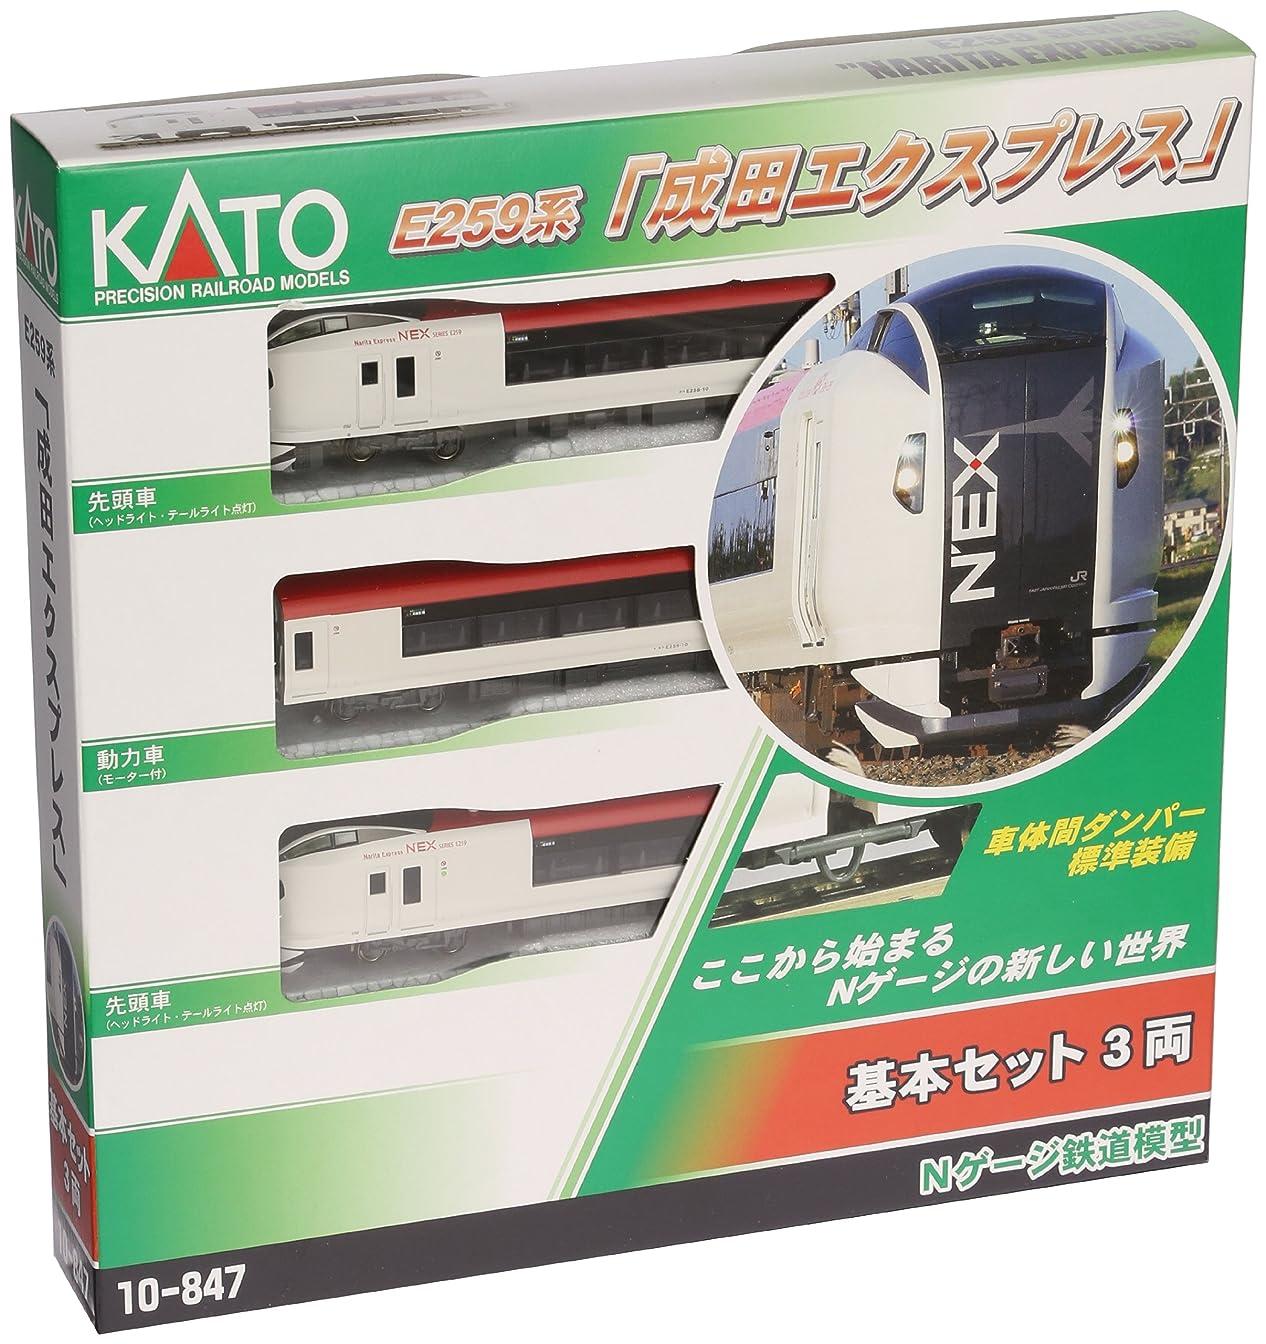 ウィザード用量死ぬKATO 線路クリーニングキット 24-022 鉄道模型用品